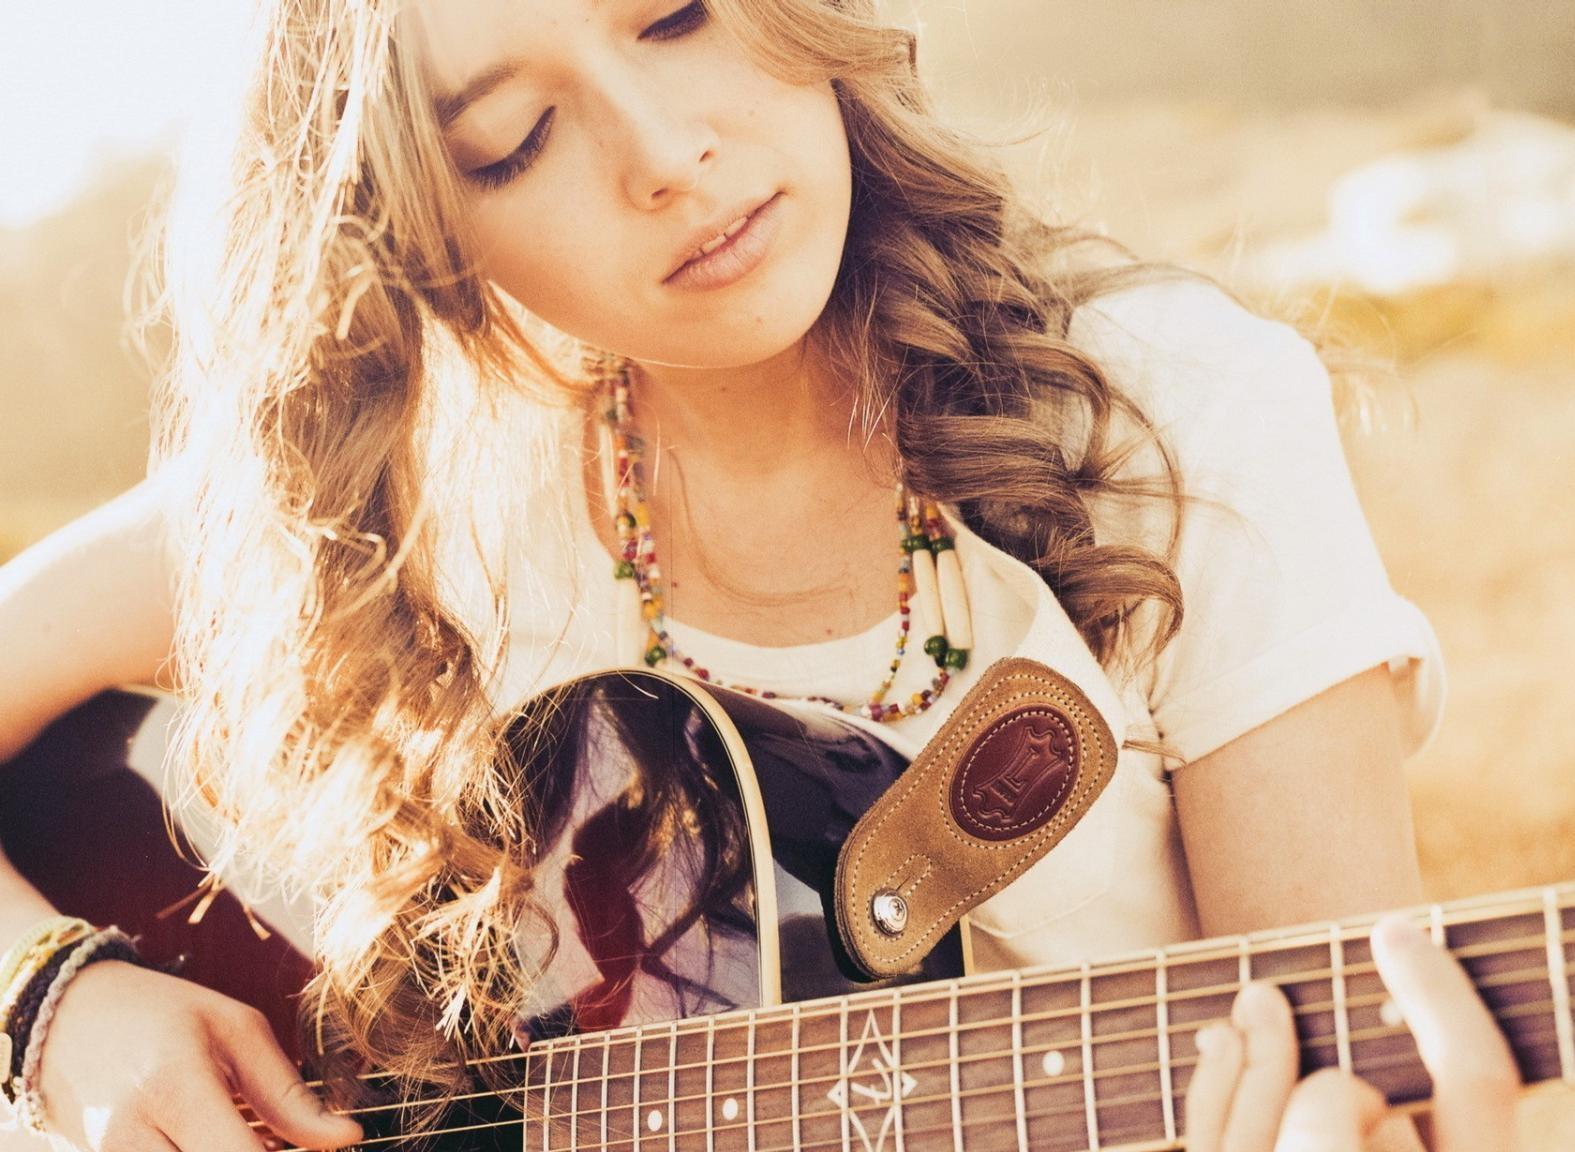 научиться играть на гитаре в краснодаре